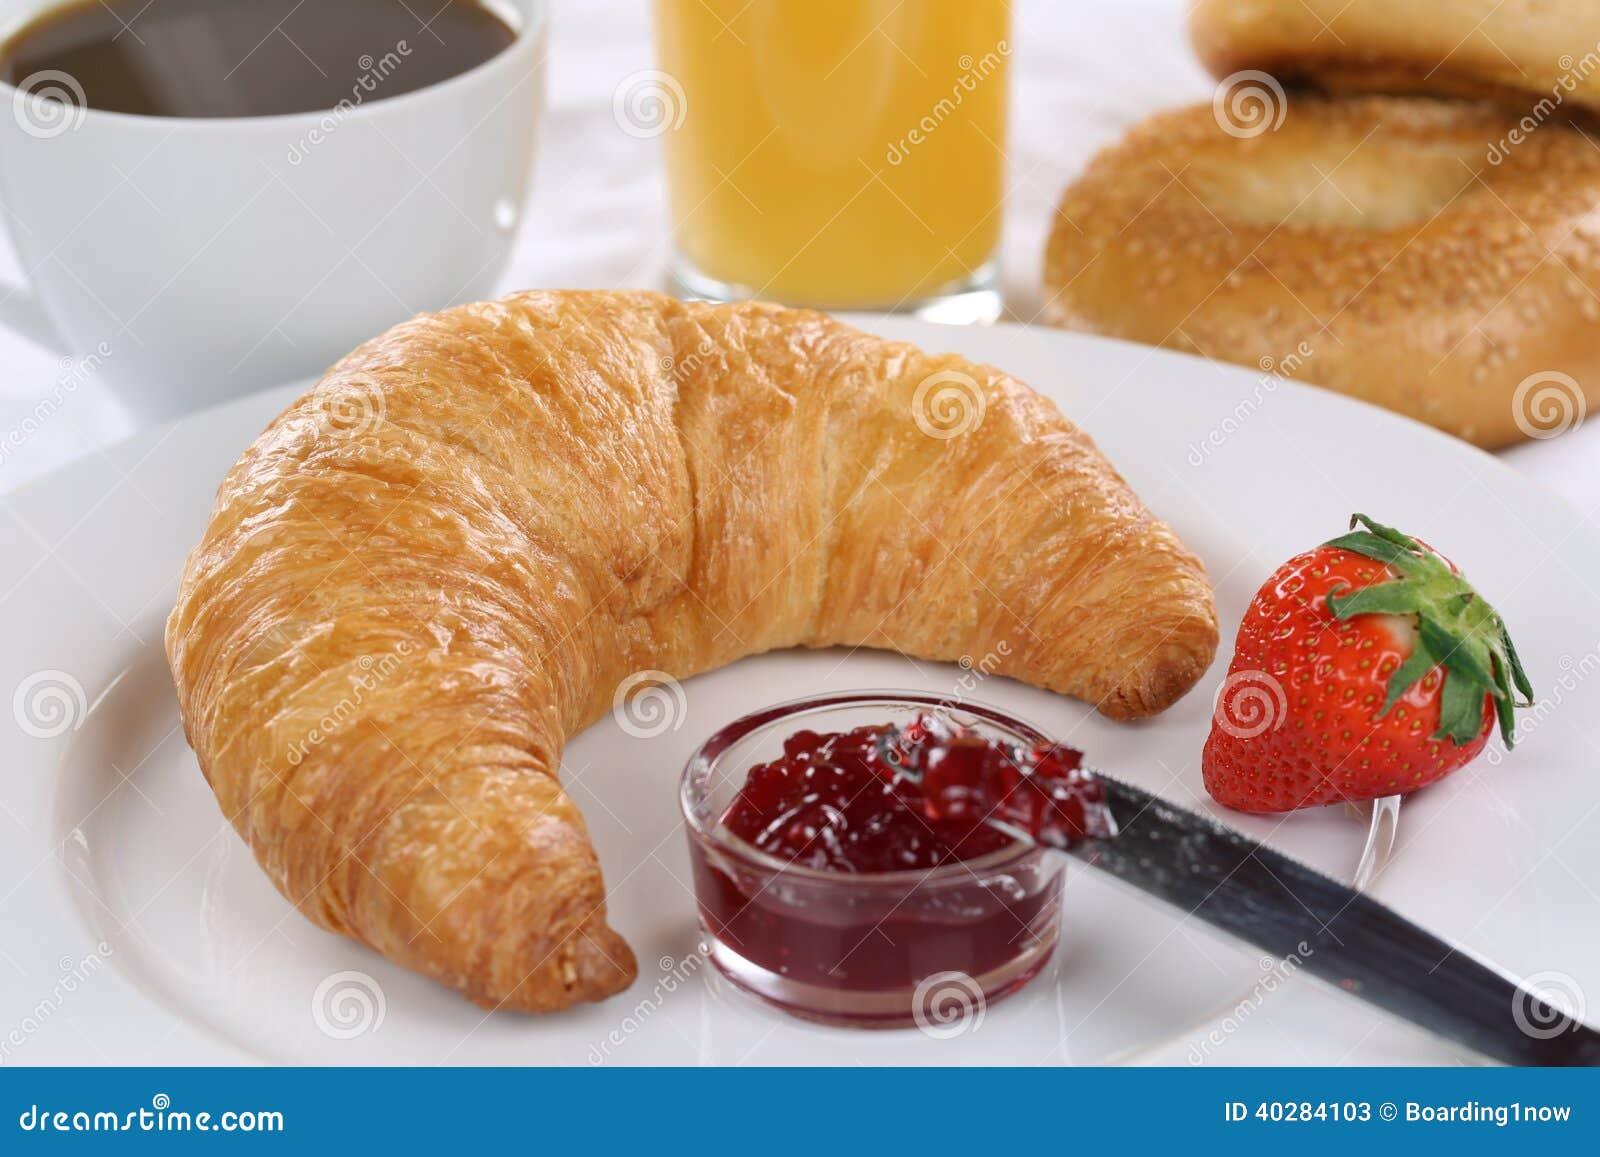 Позавтракайте с круассаном, кофе и апельсиновым соком